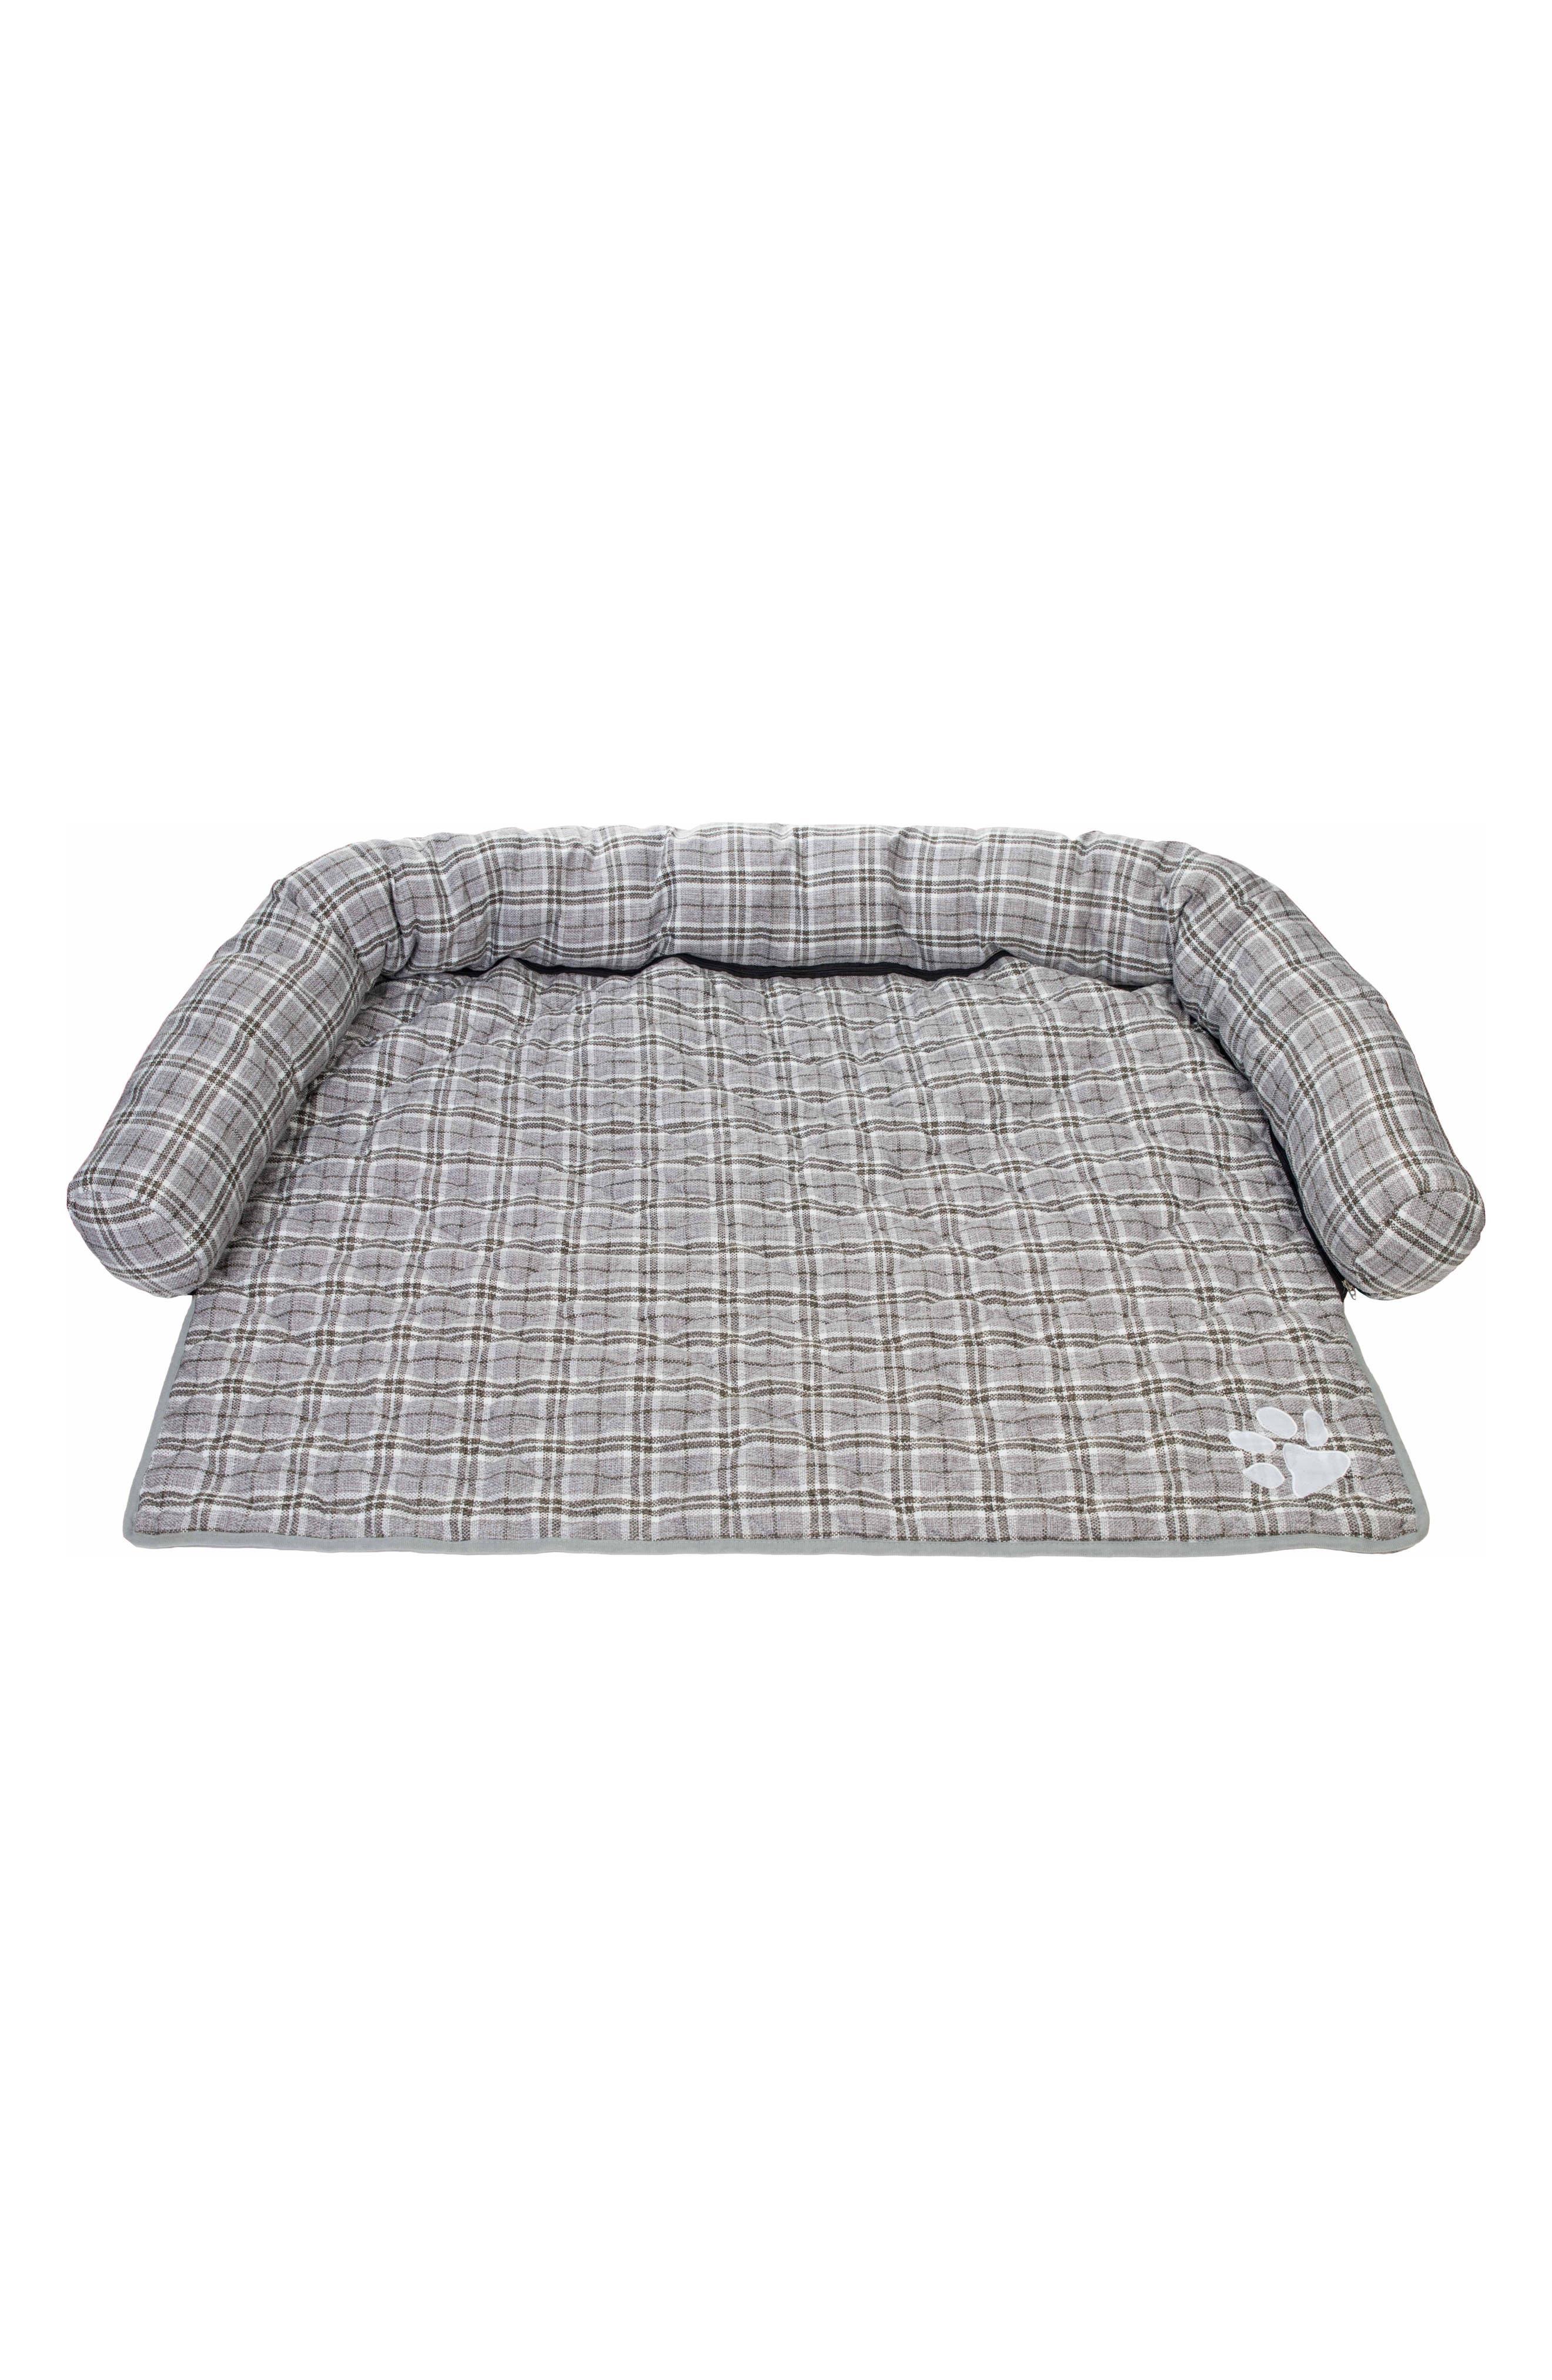 Harlee Reversible Pet Sofa Cover,                         Main,                         color, Grey